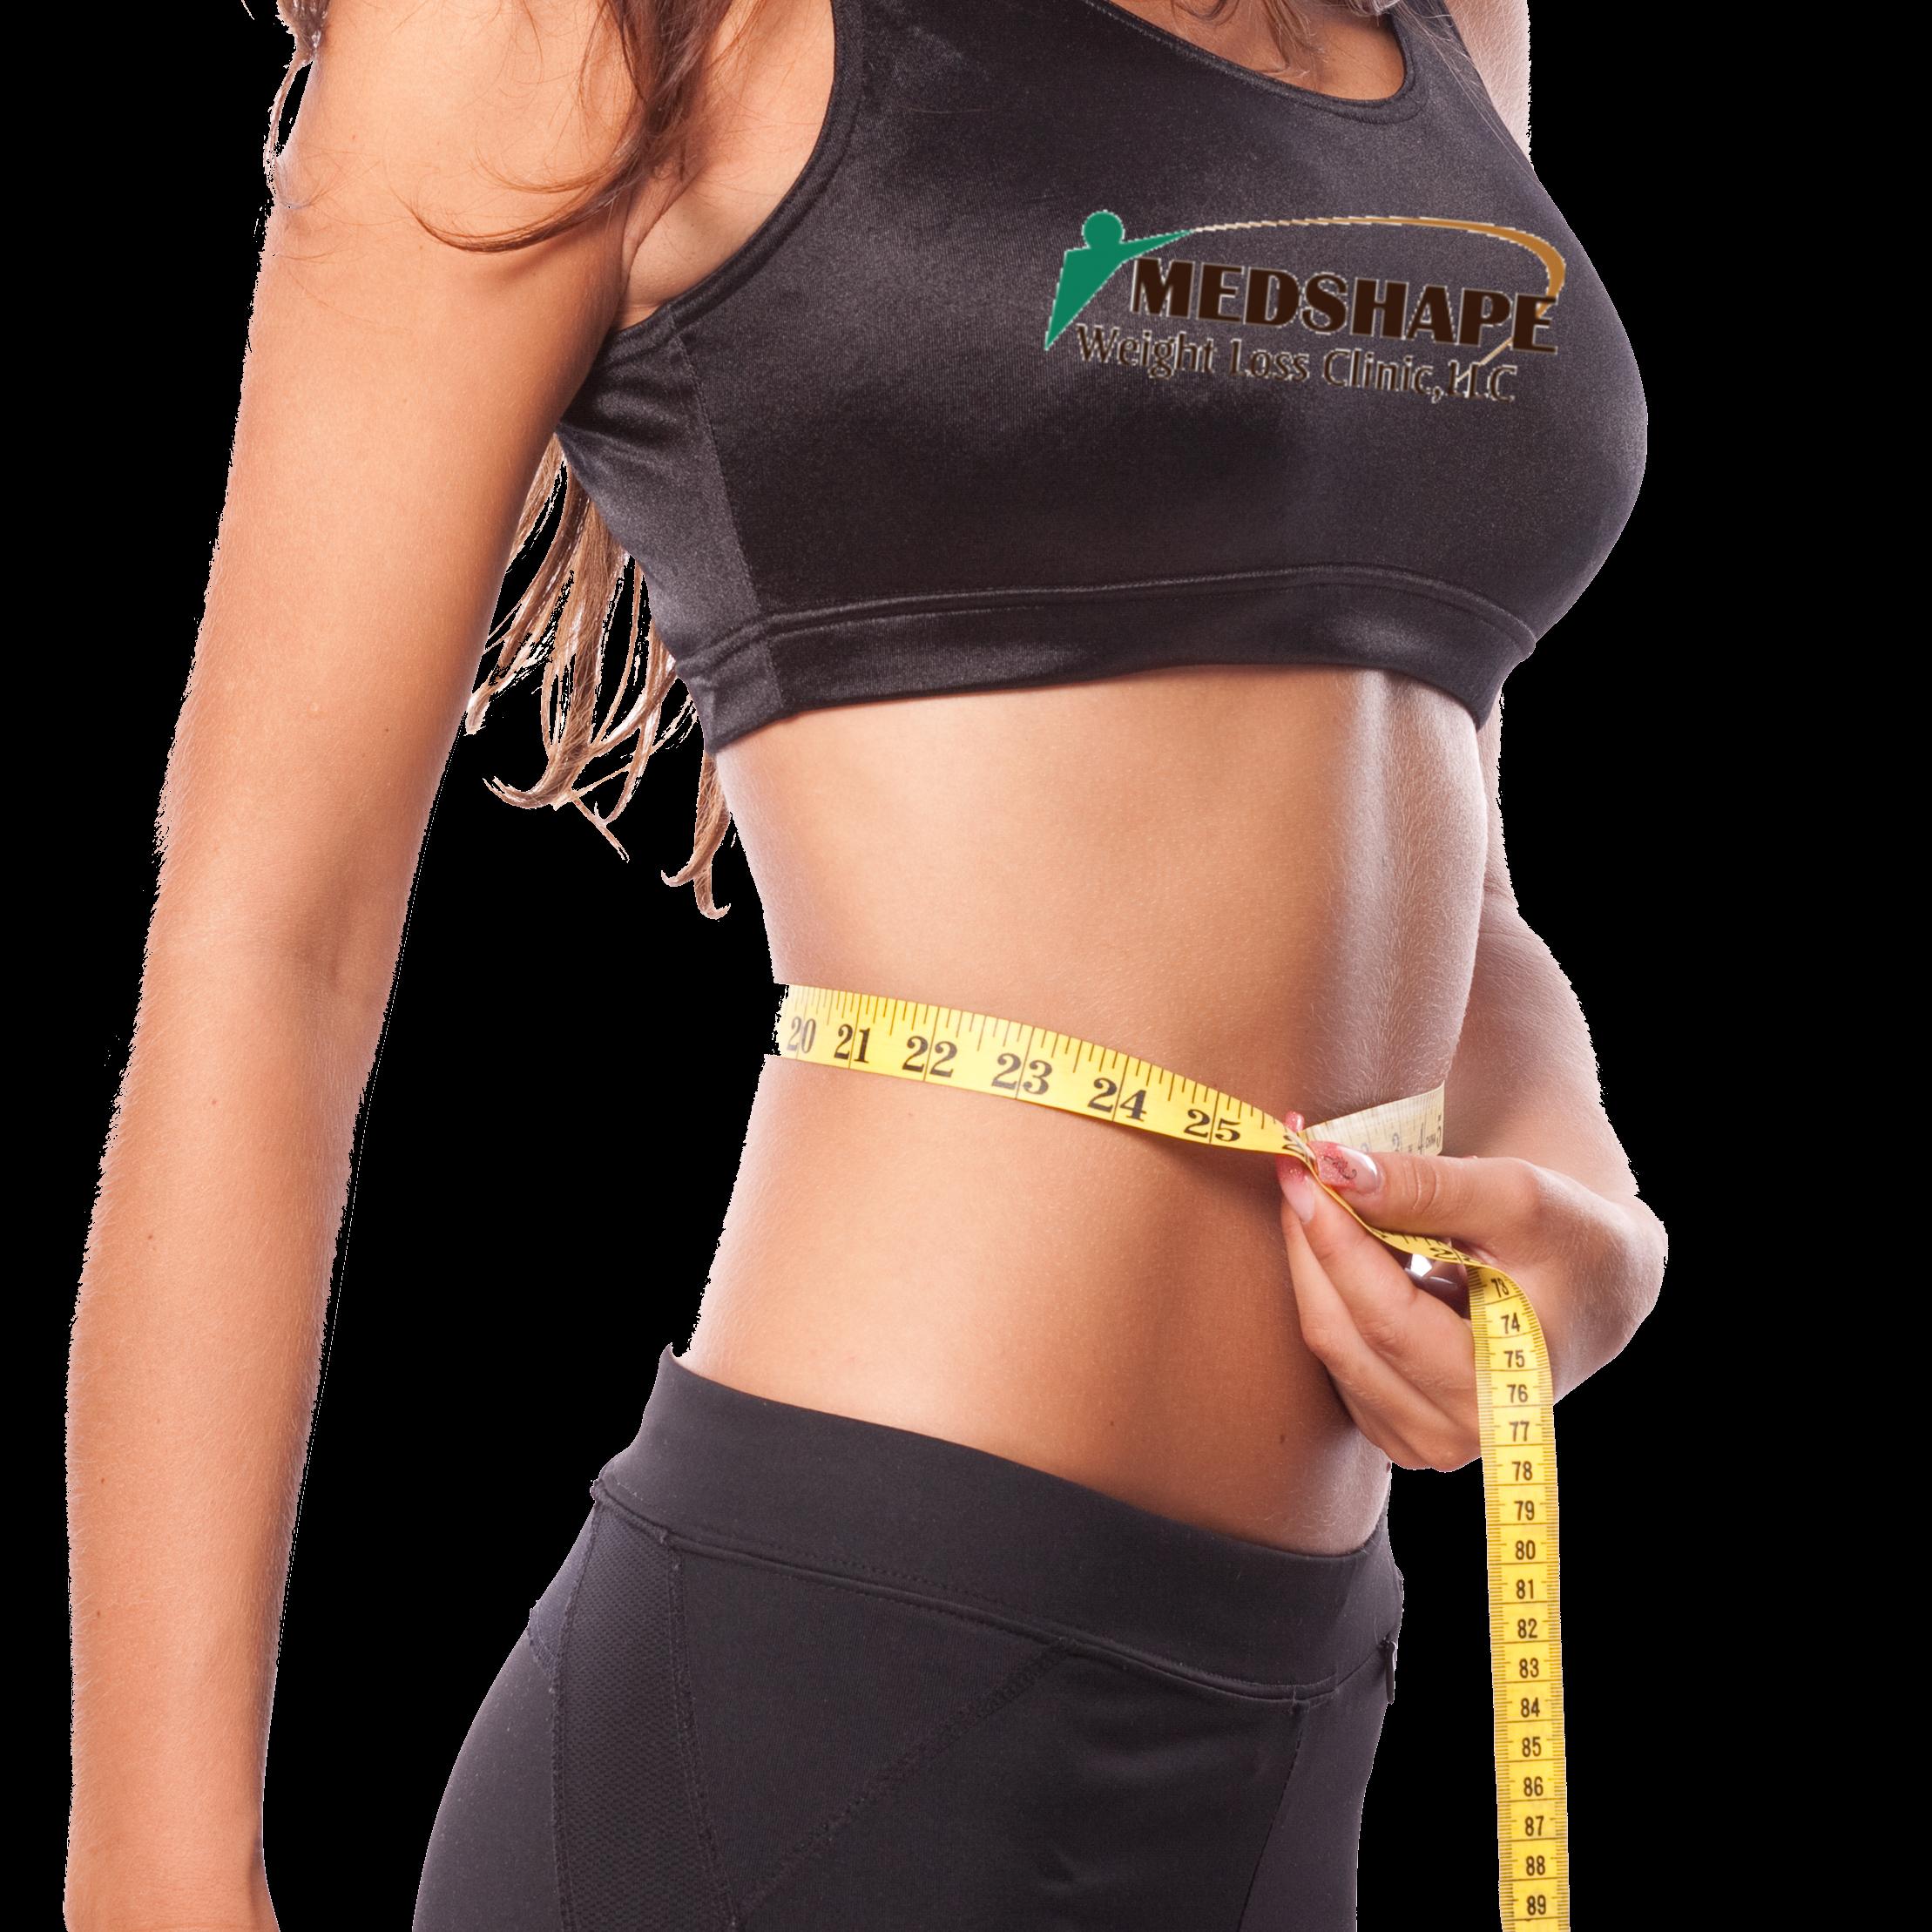 Medshape Programs